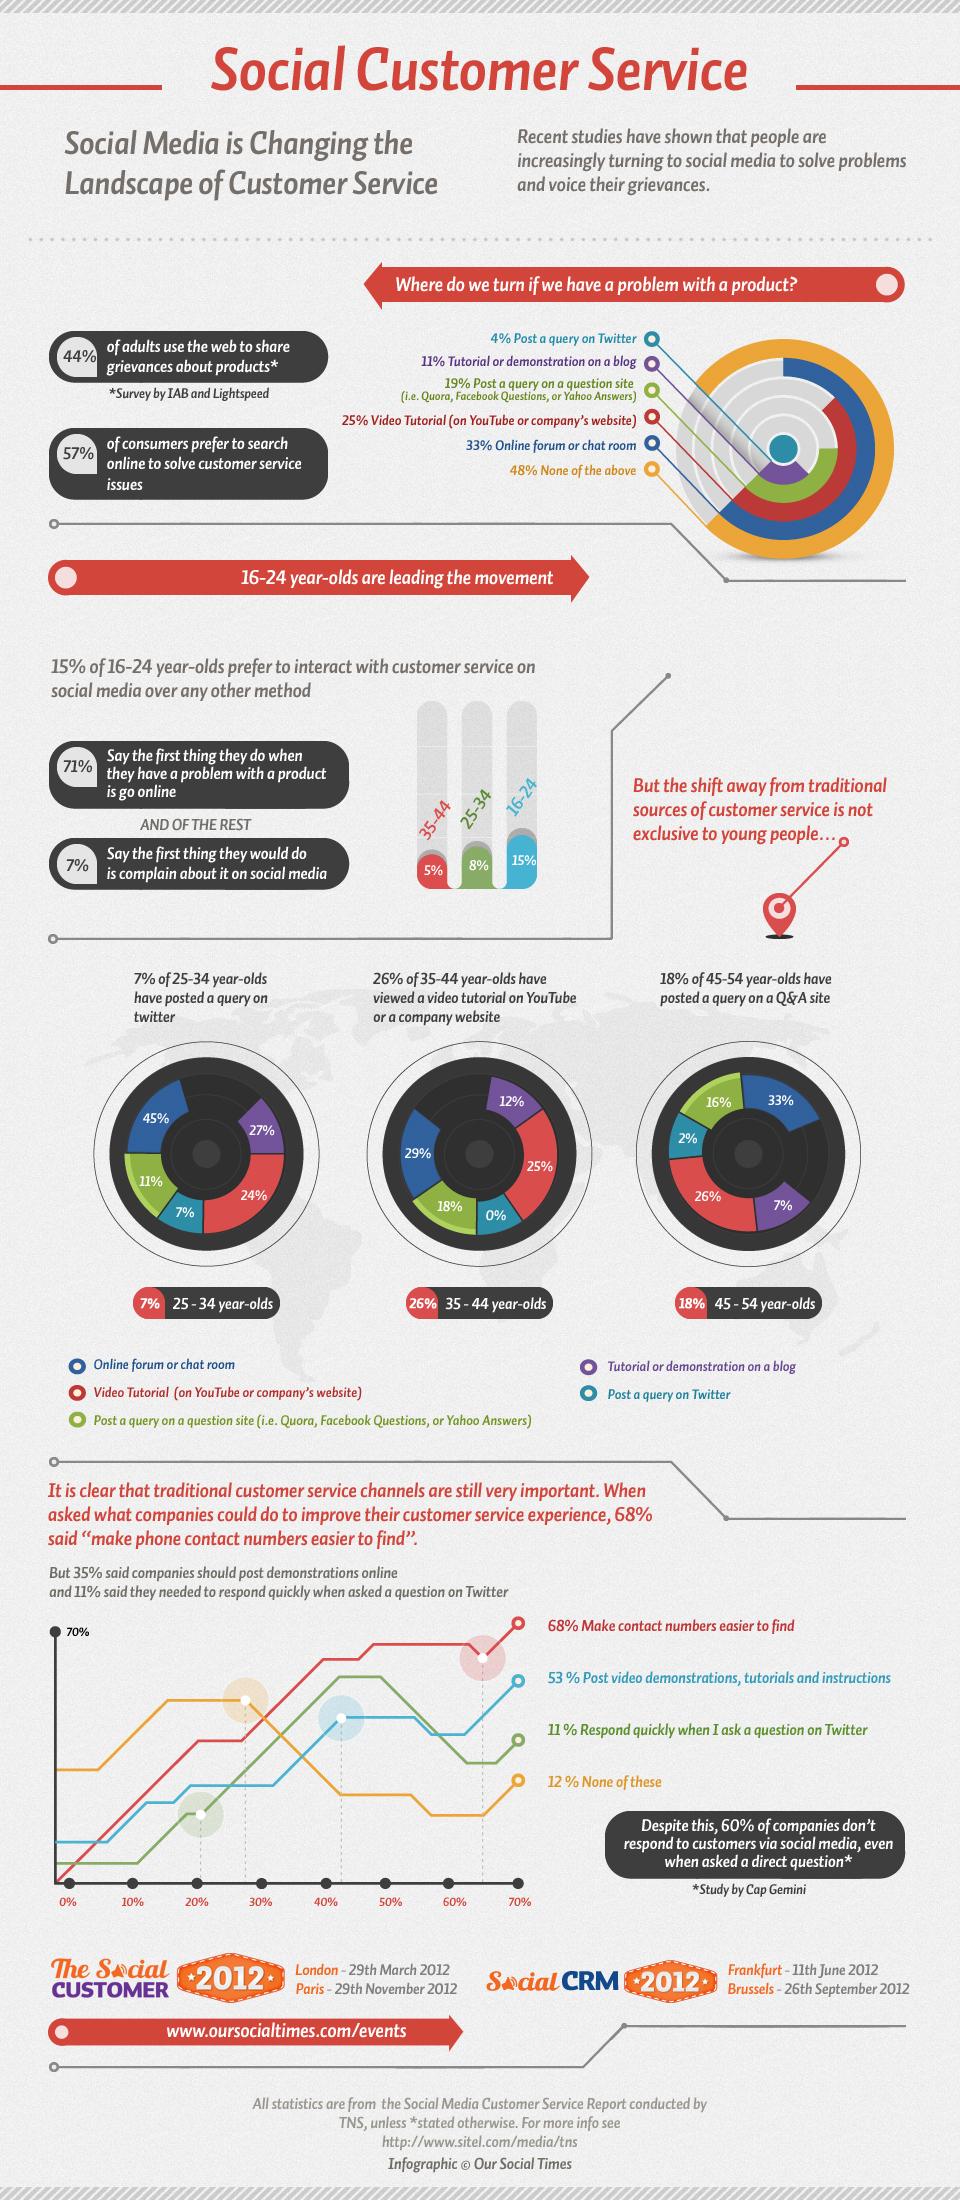 Social-Customer-Service-2012